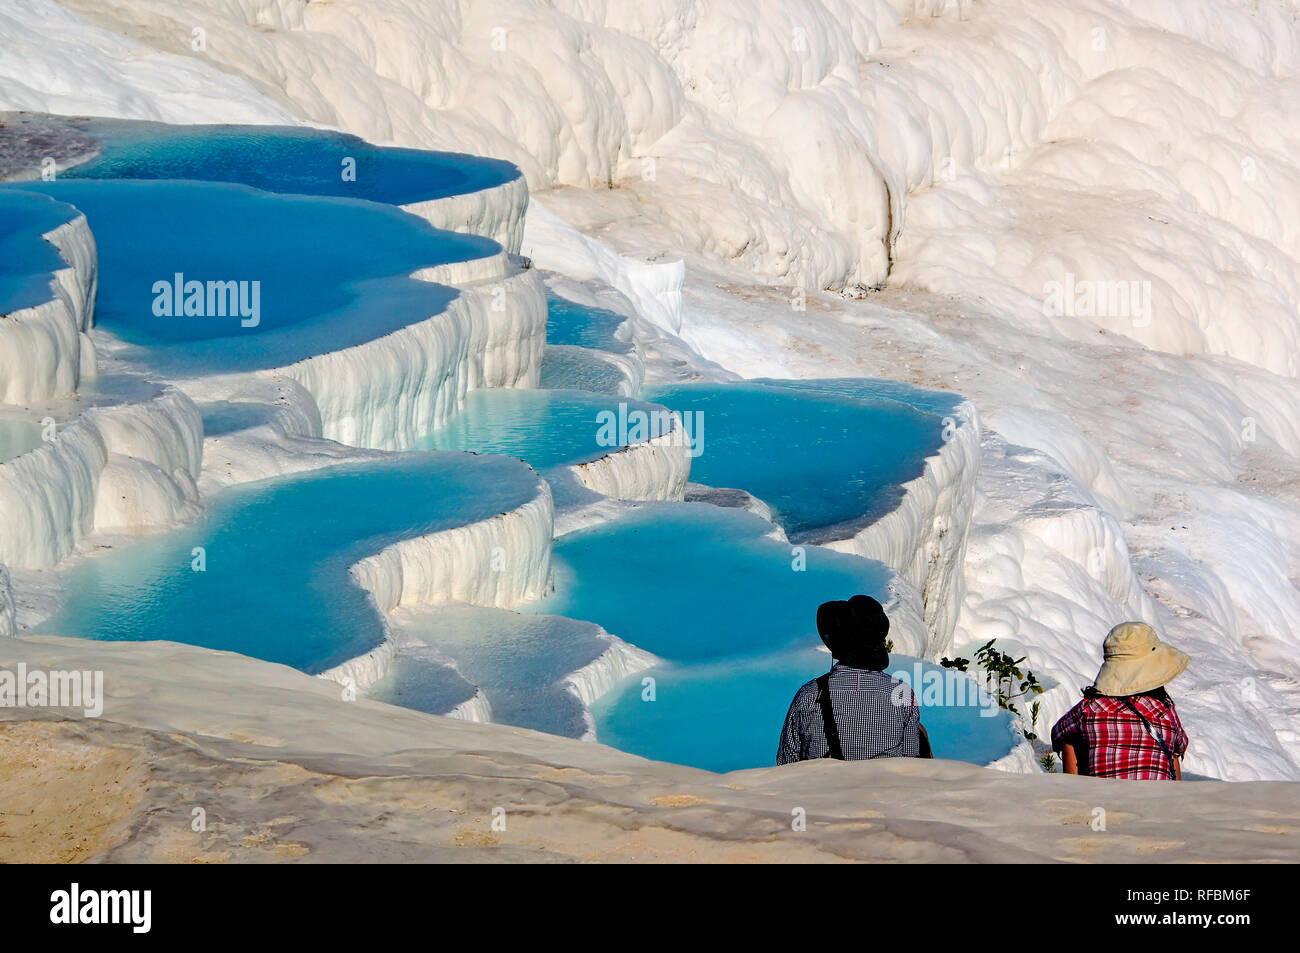 Hot Springs e travertini terrazza, Pamukkale acque termali. Provincia di Denizli, Anatolia. Turchia Immagini Stock